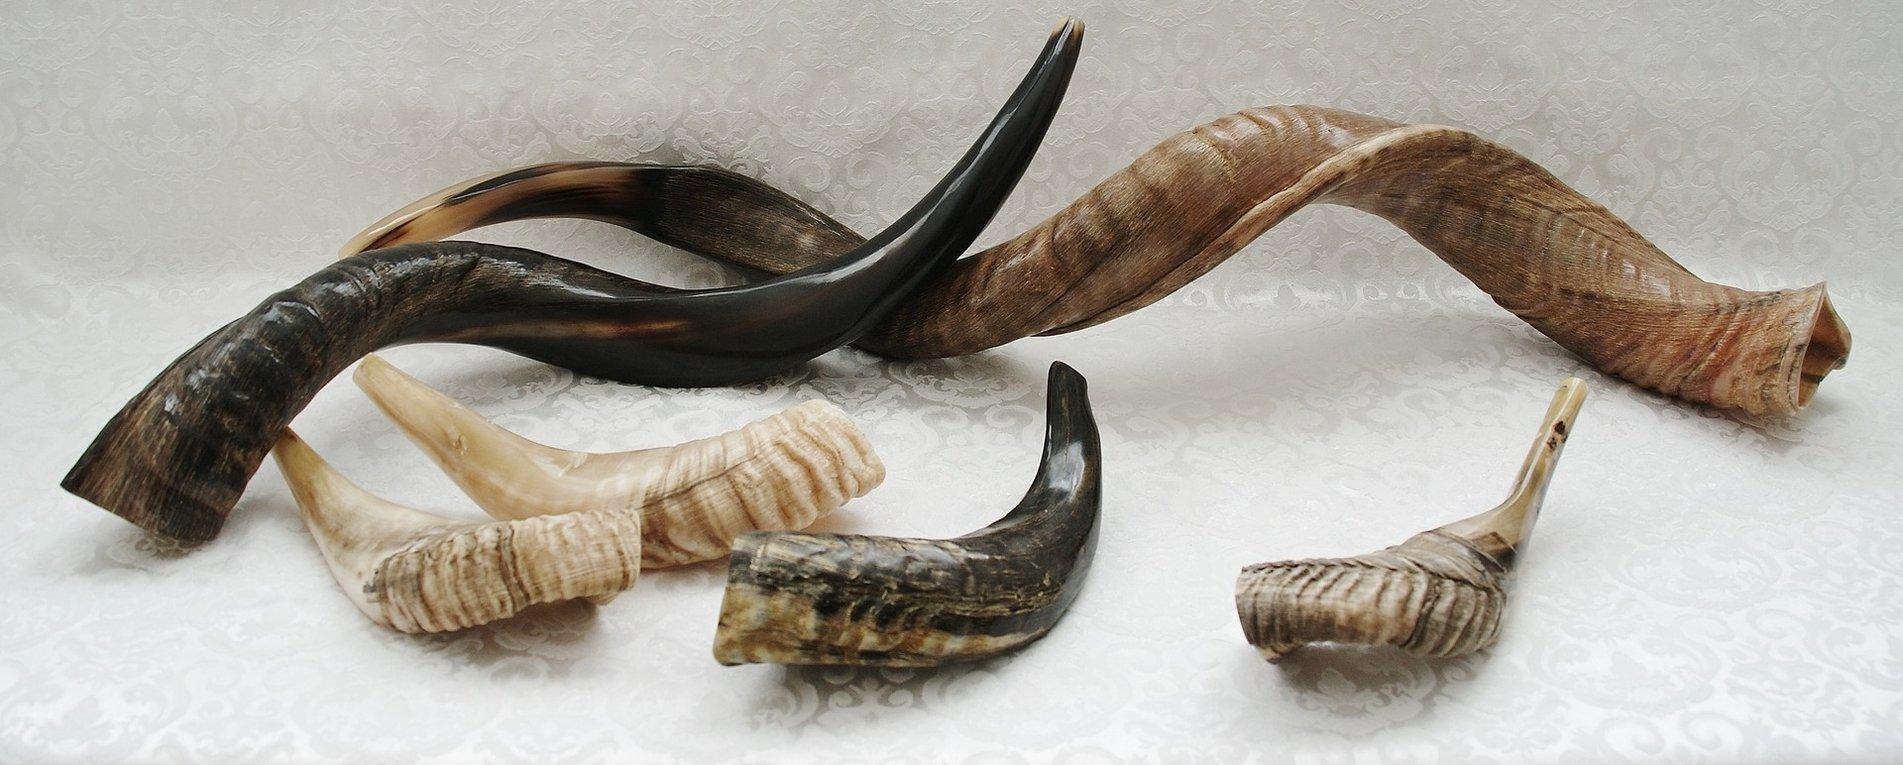 Shofars-(Ramshoorns)